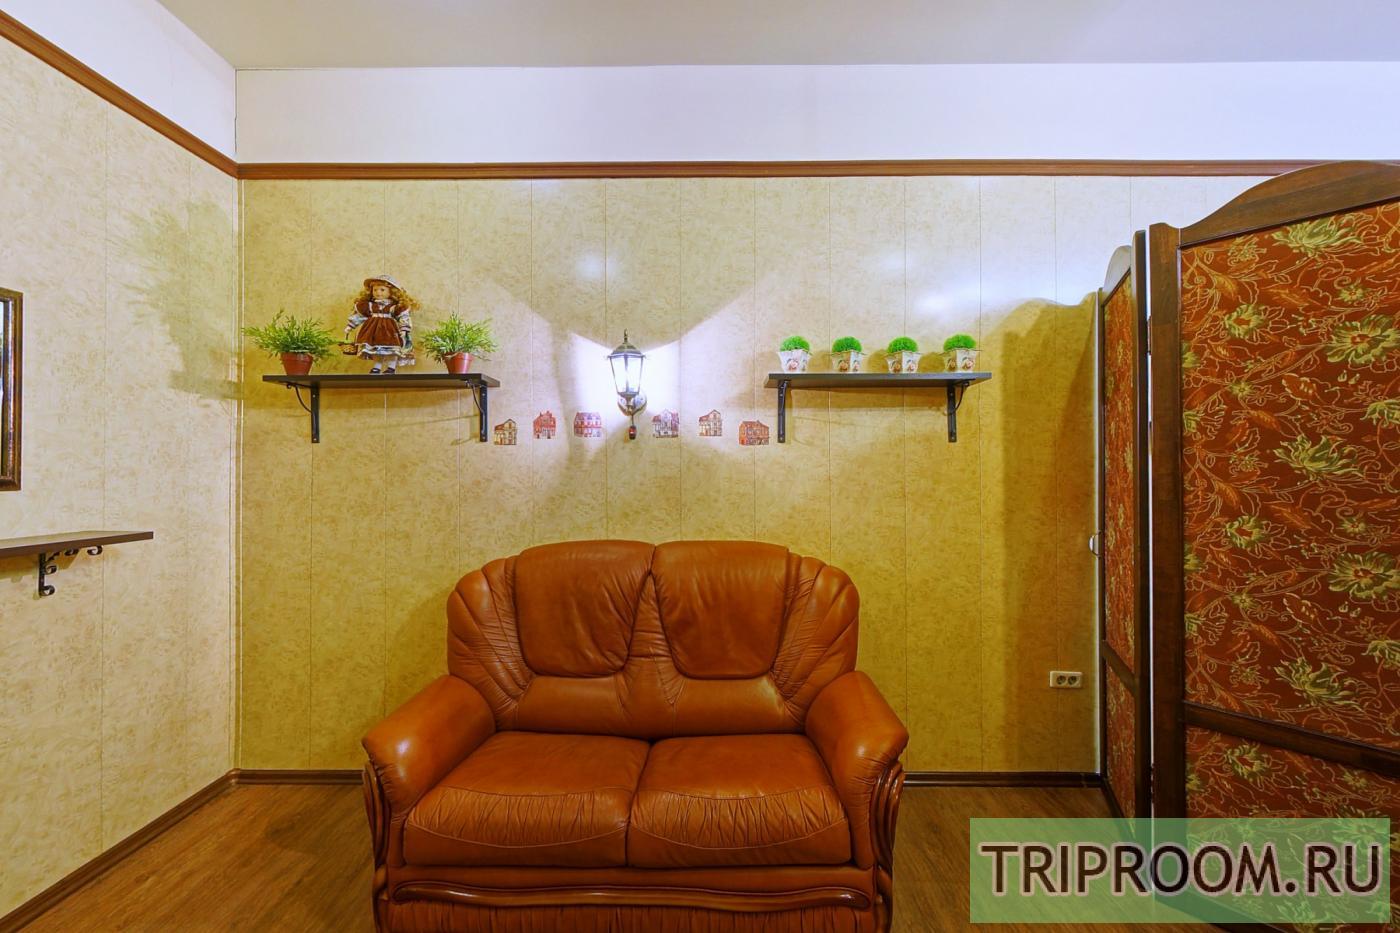 1-комнатная квартира посуточно (вариант № 6079), ул. Молодогвардейцев улица, фото № 18